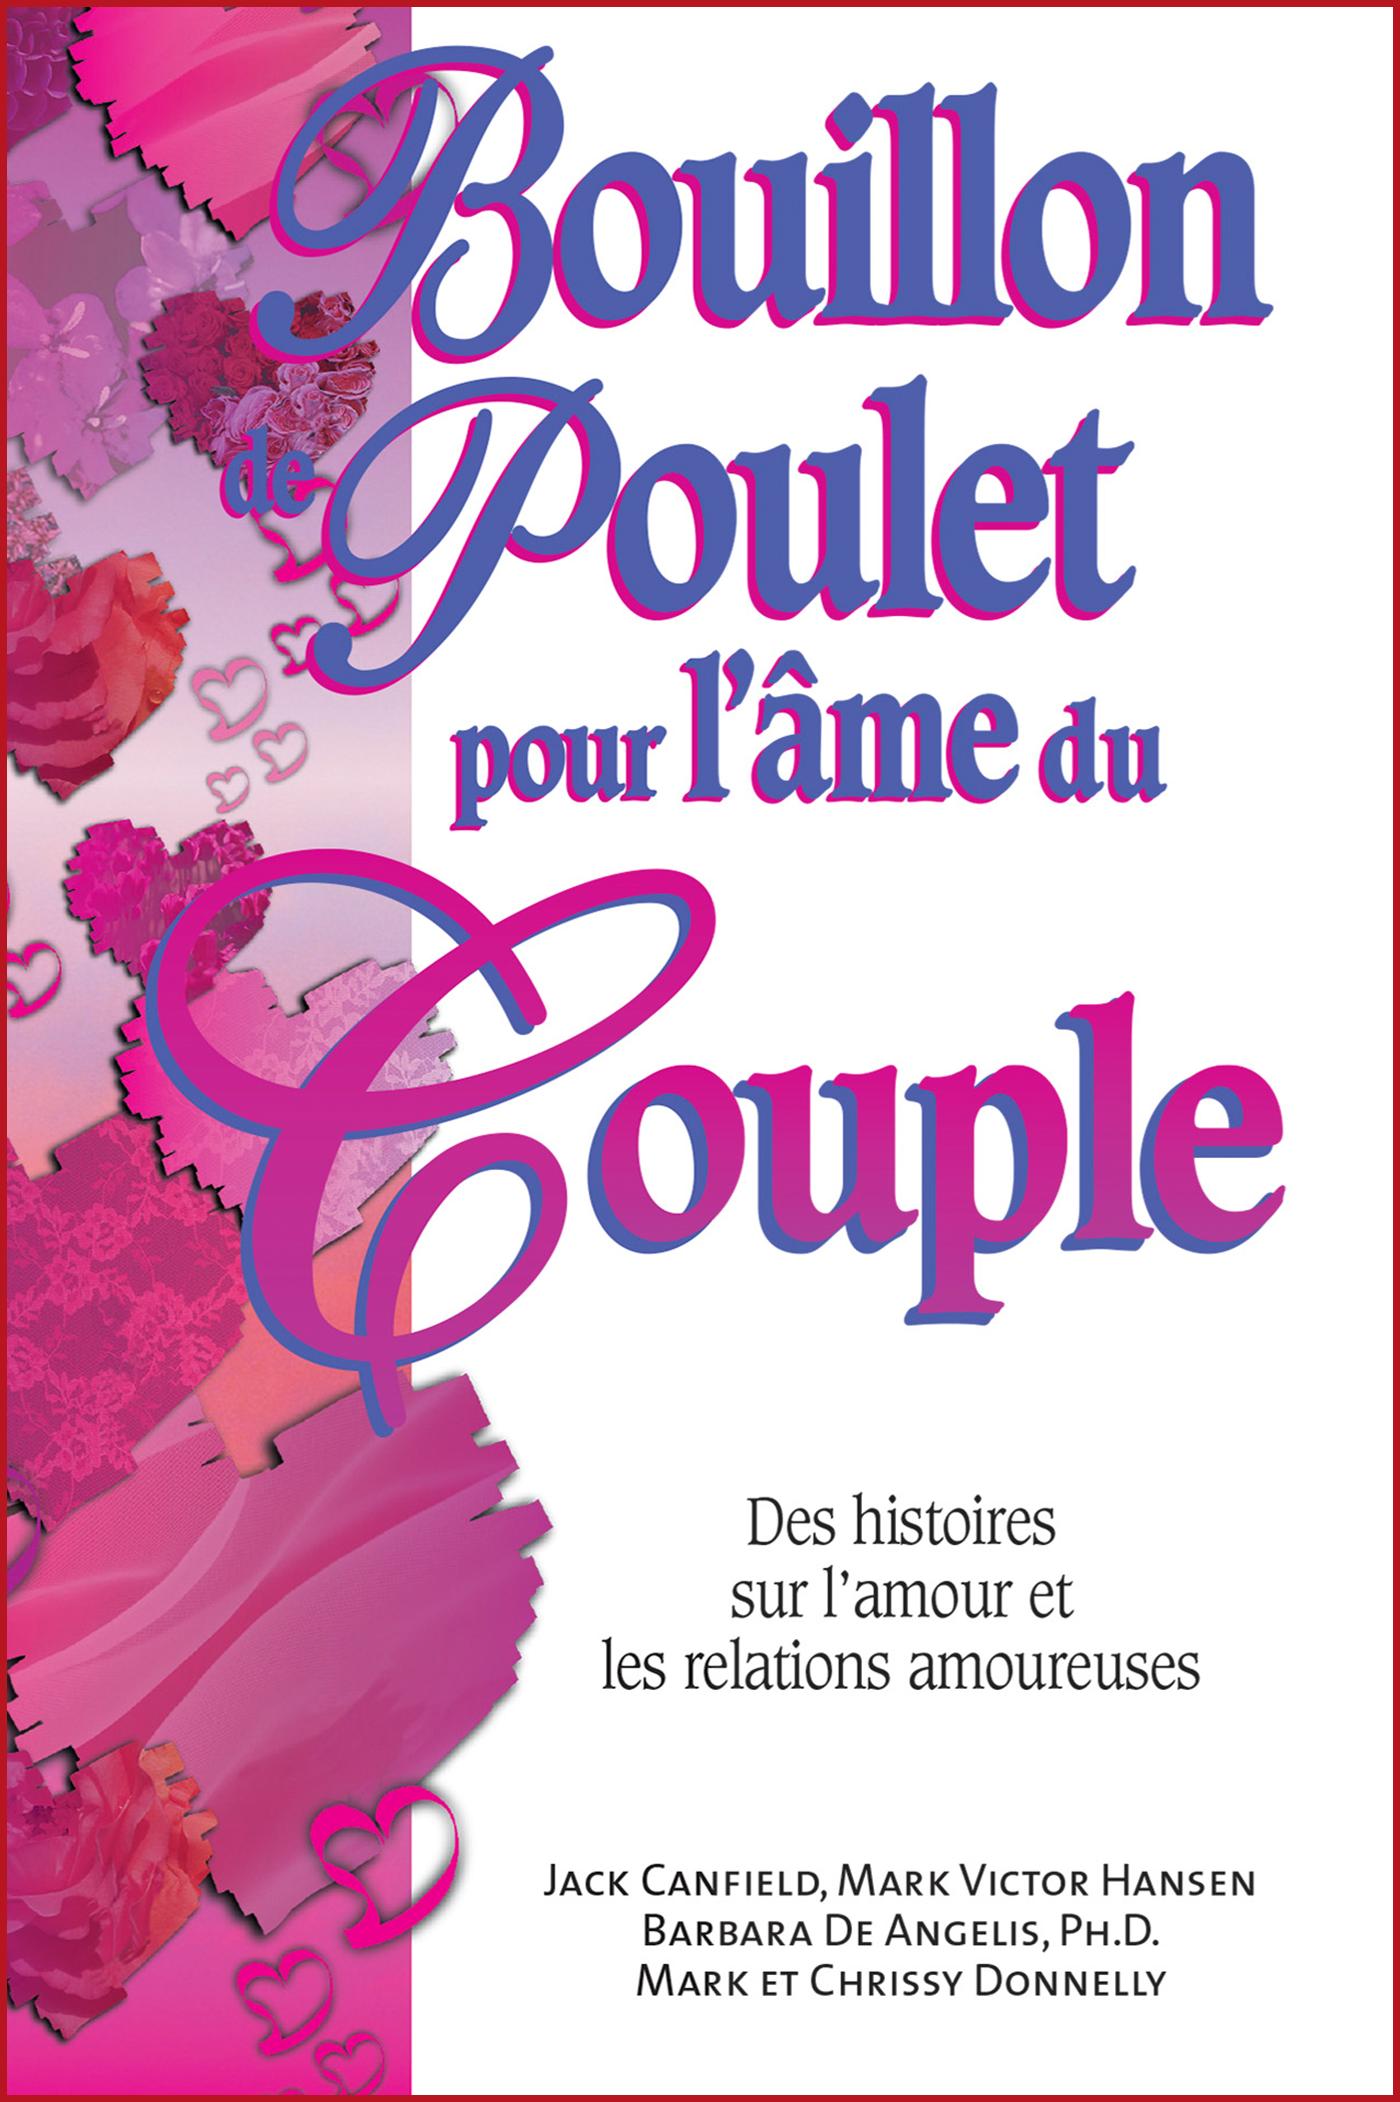 bouillon de poulet pour l ame du couple livre en duel ou en duo valerie sentenne intello stephane lecault artiste couple